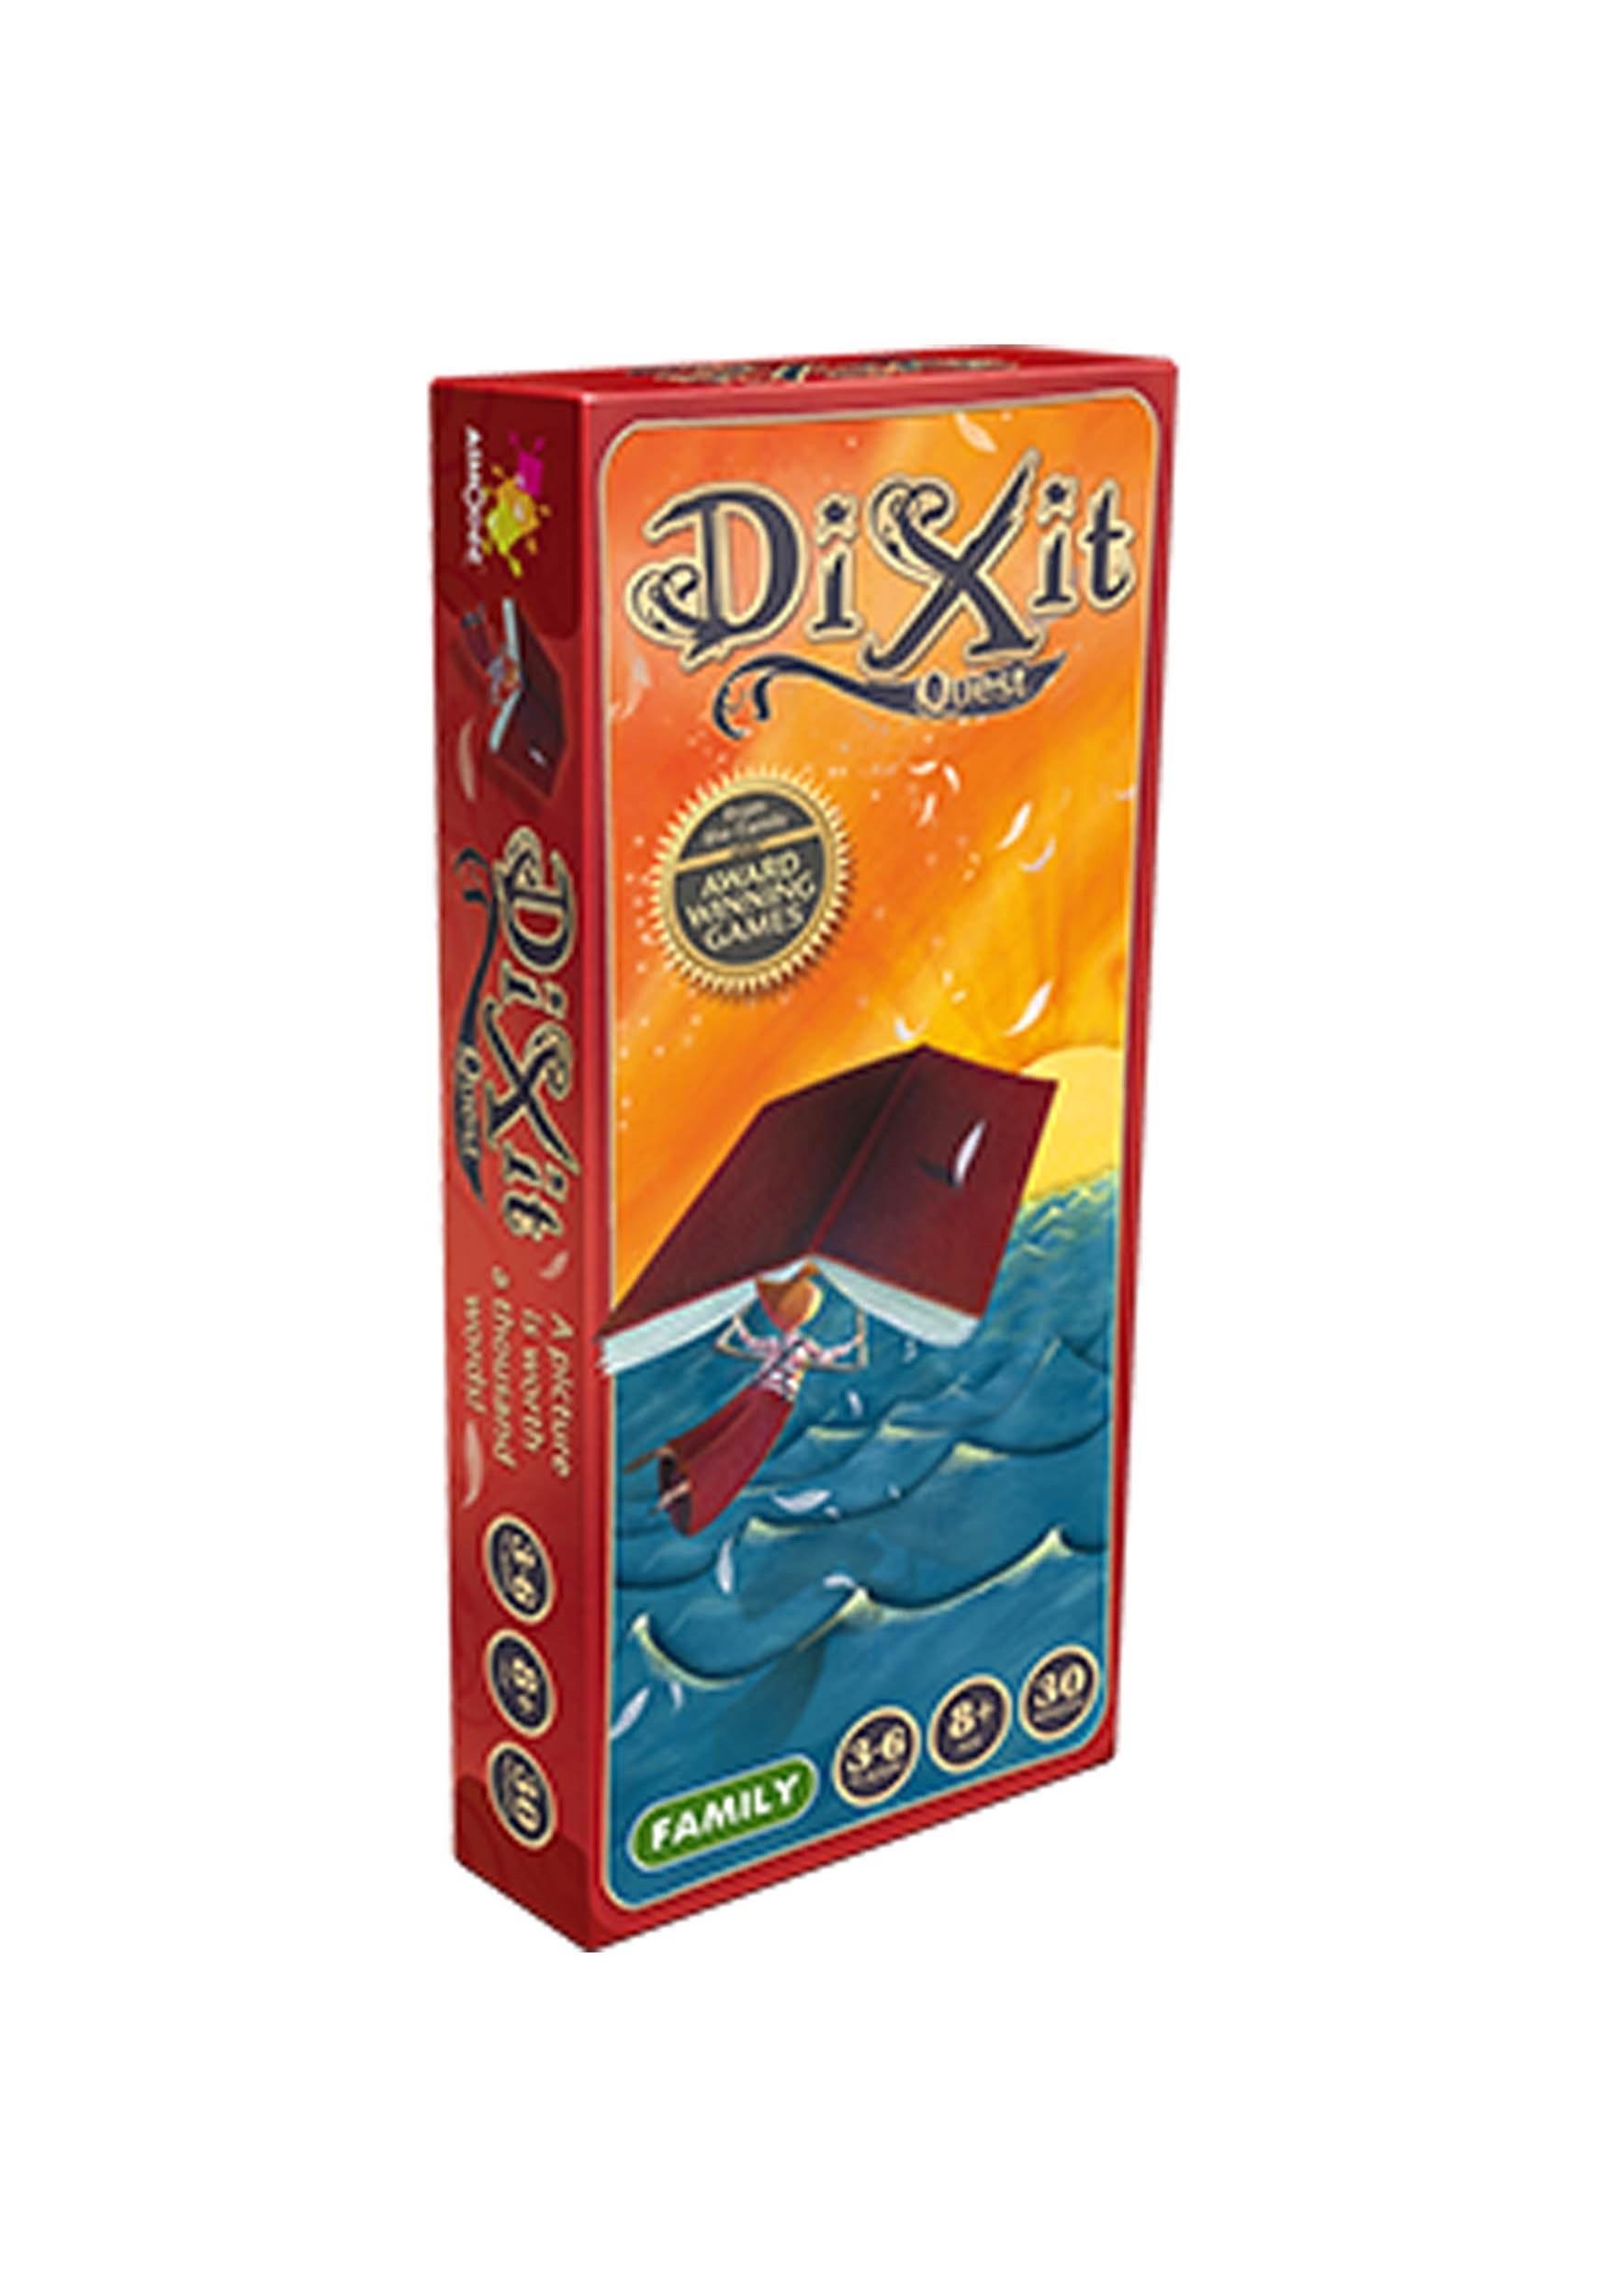 Dixit: Quest Game Expansion